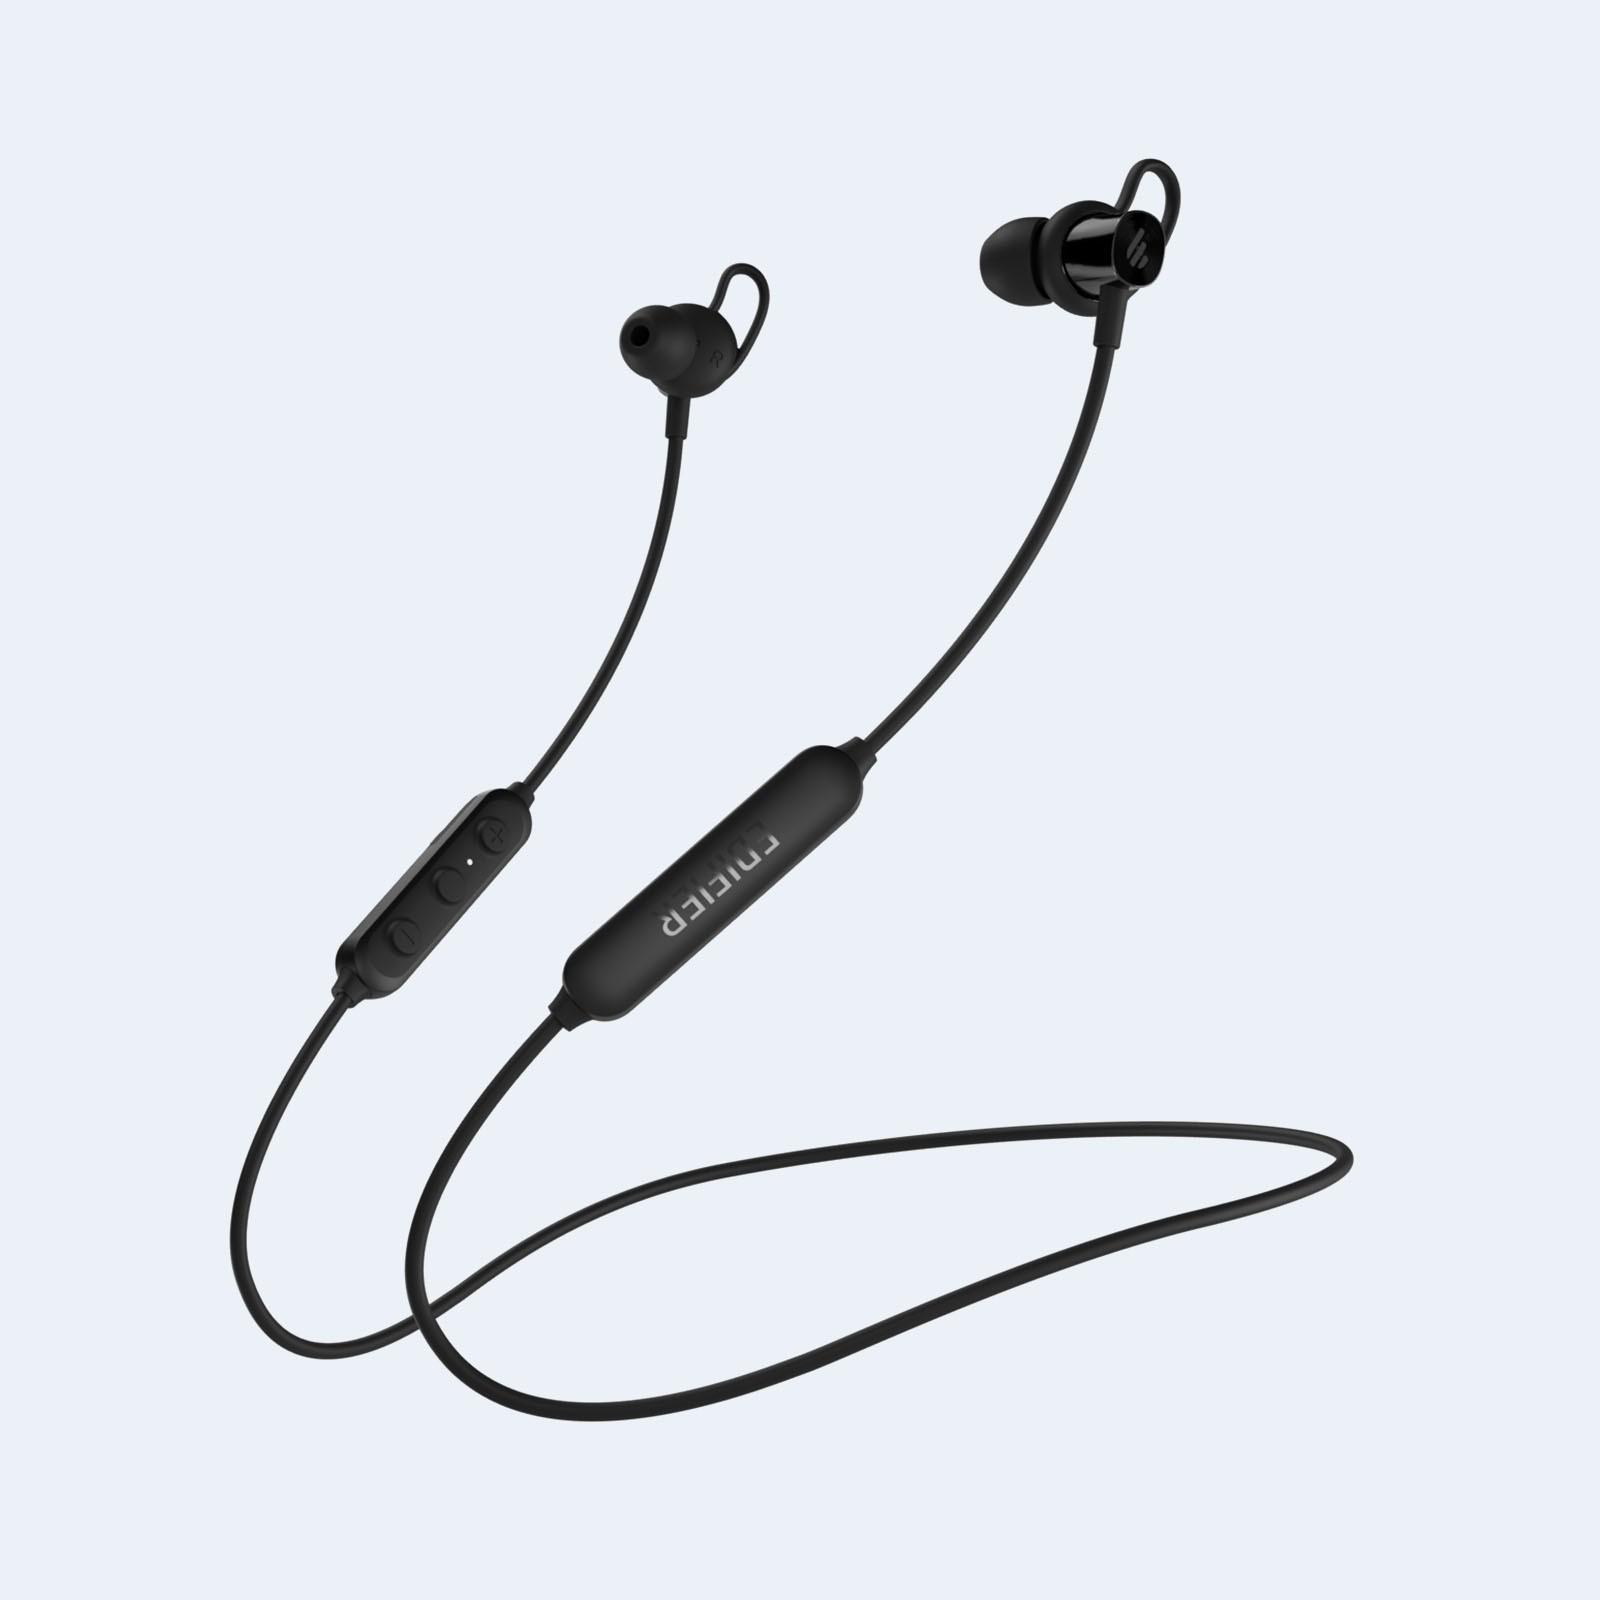 Edifier W200BTSE Hoofdtelefoons In-ear 3,5mm-connector Bluetooth Zwart